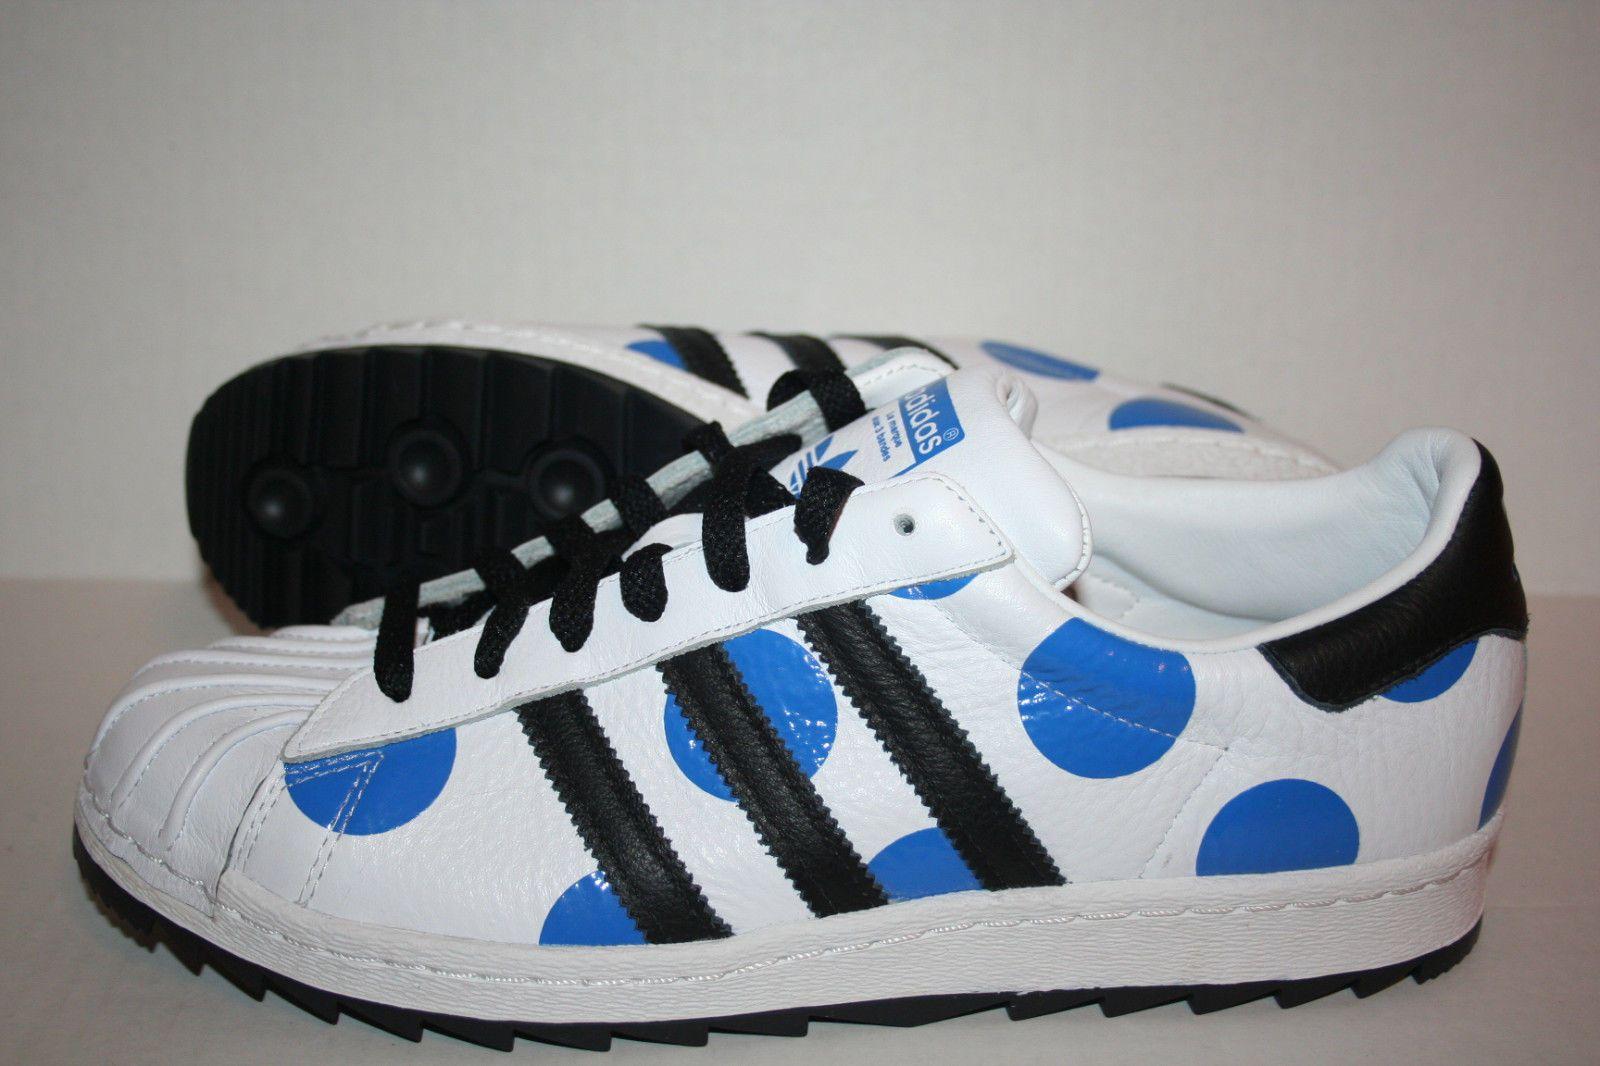 fdb6f326ef99 Adidas Jeremy Scott Superstar Dots White Blue Black B26039  179.00 ...